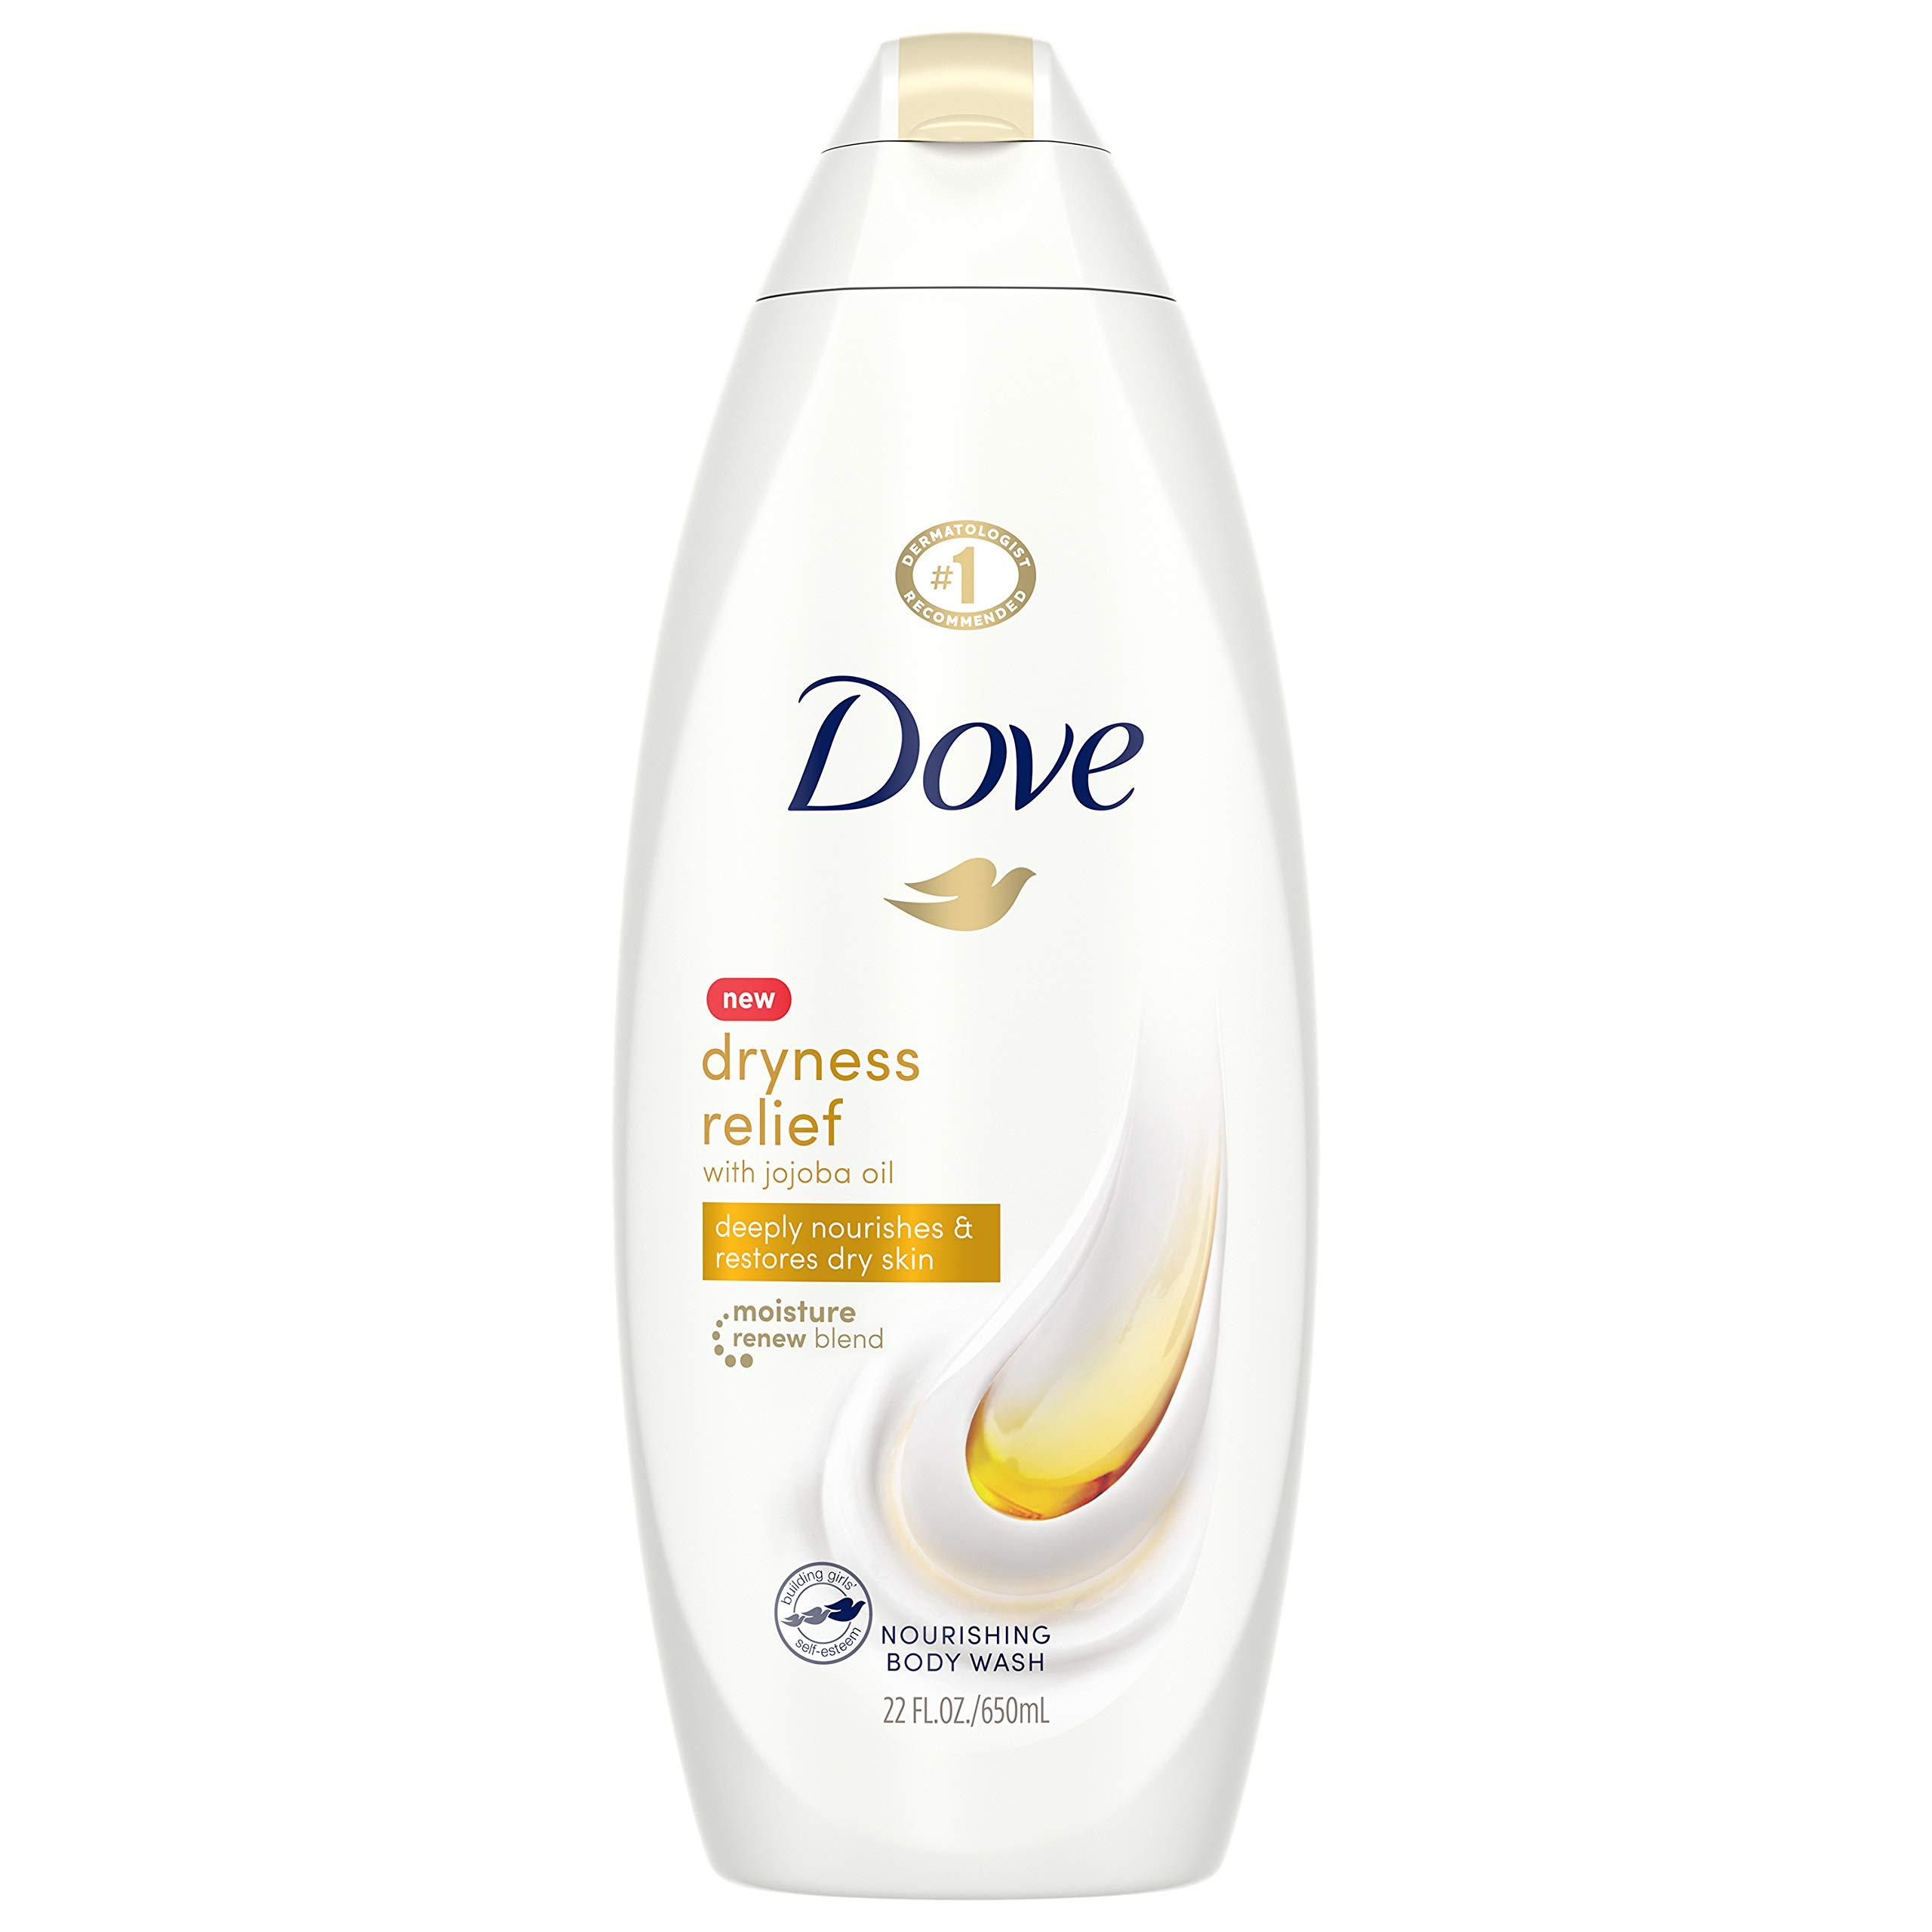 dove for dry skin